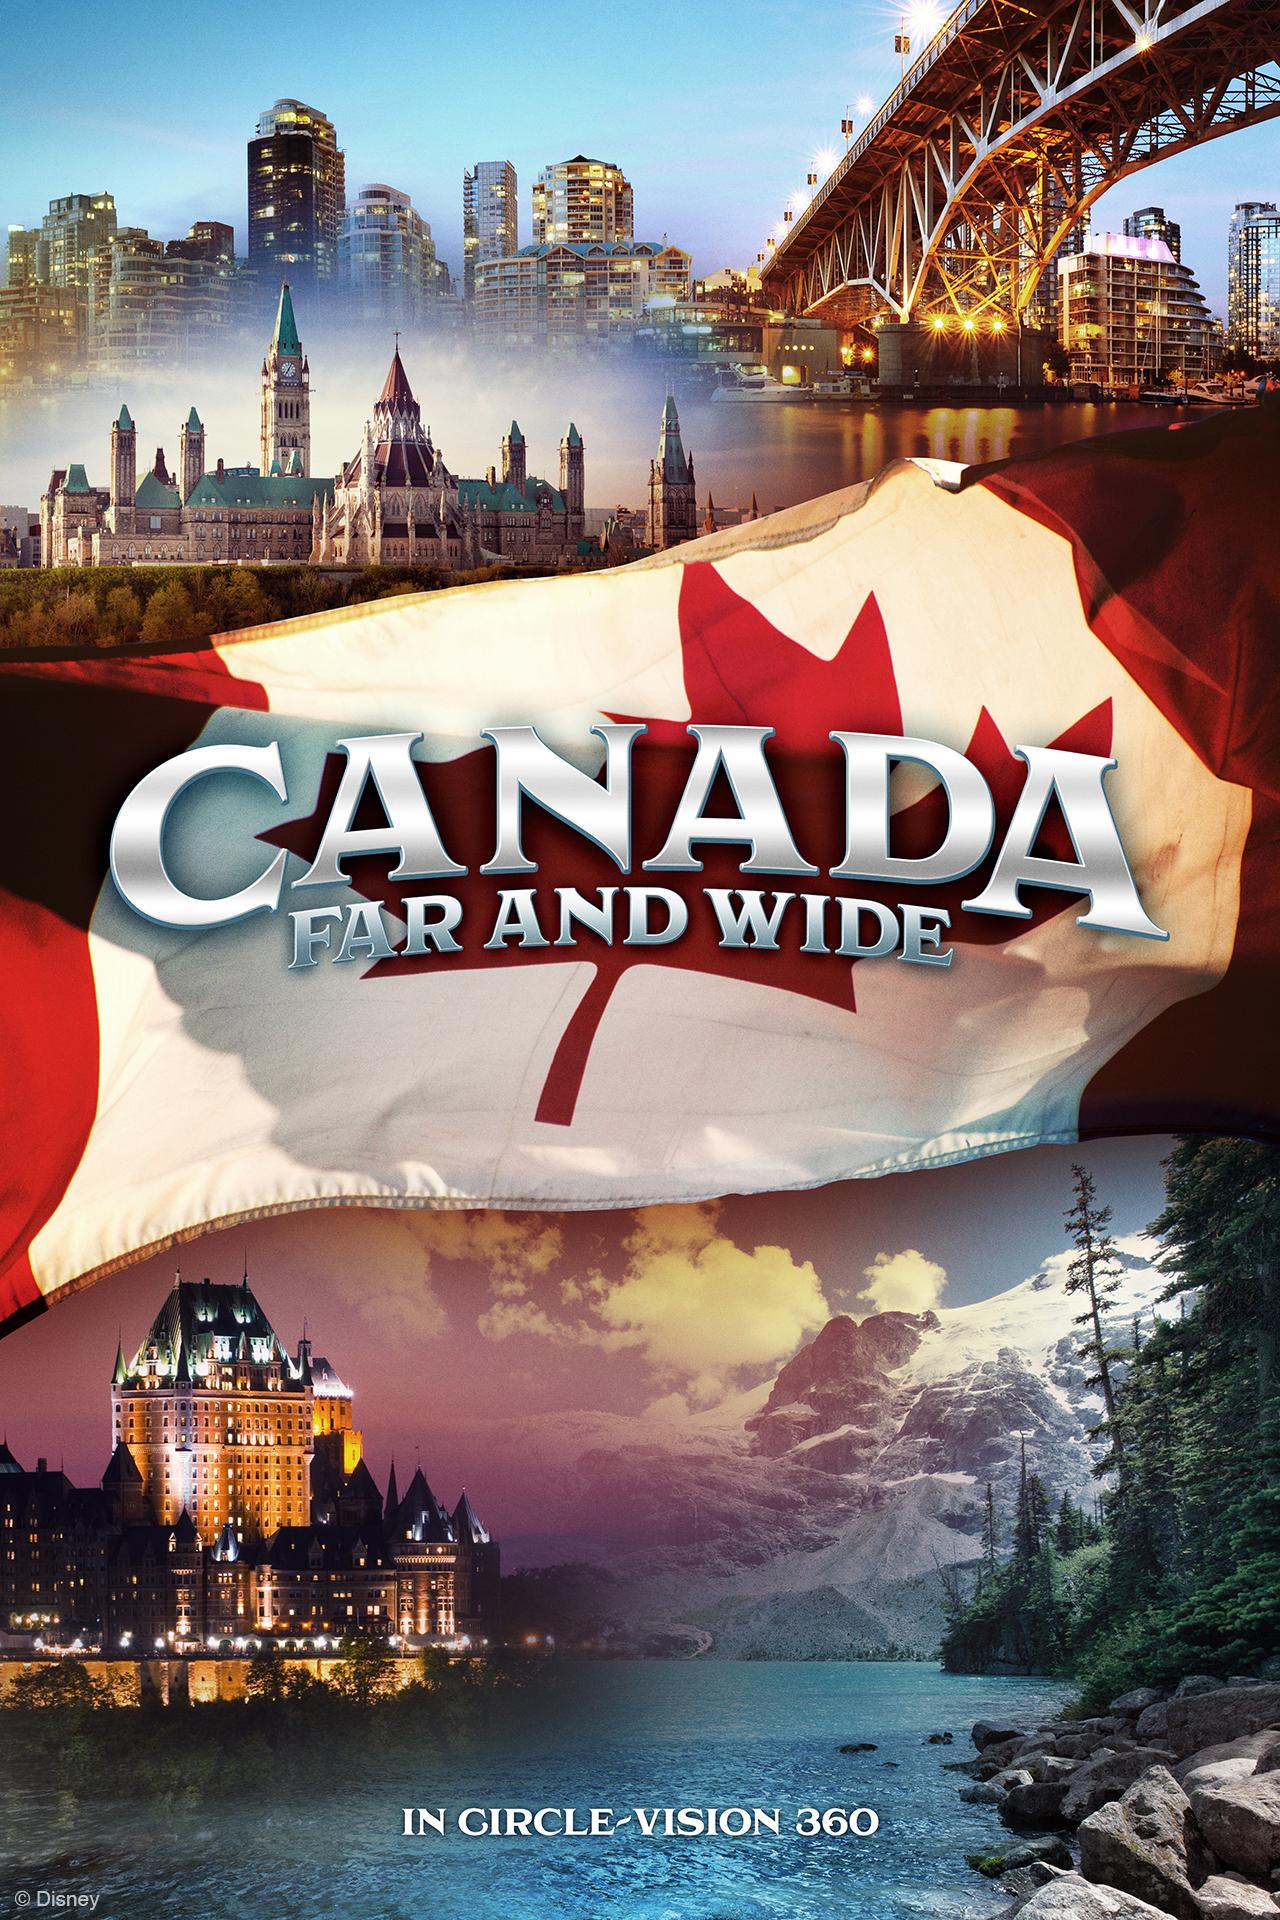 Epcot: Canada Pavilion